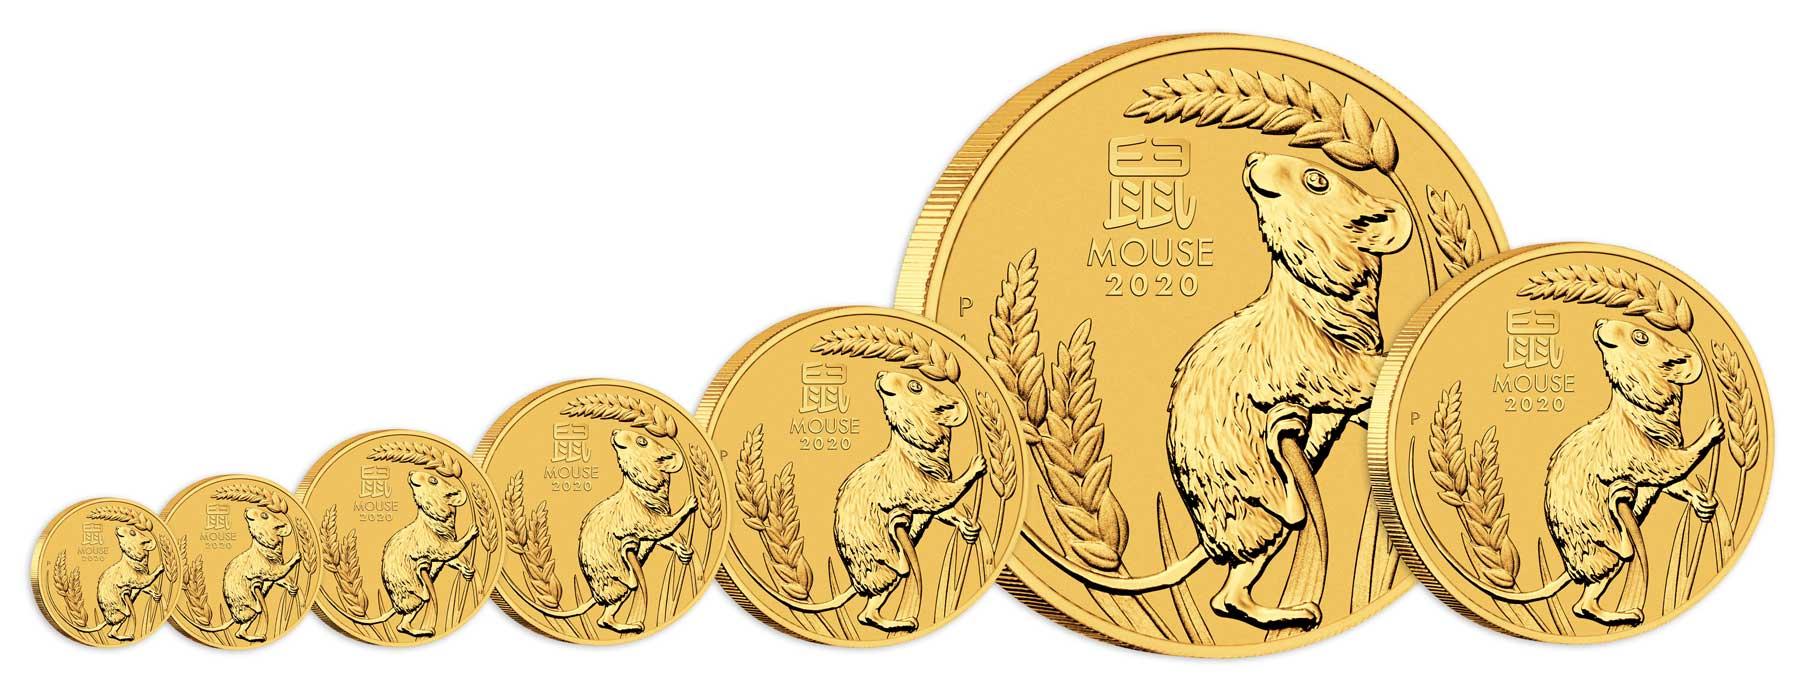 Pièces d'or Australie Année de la souris 2020